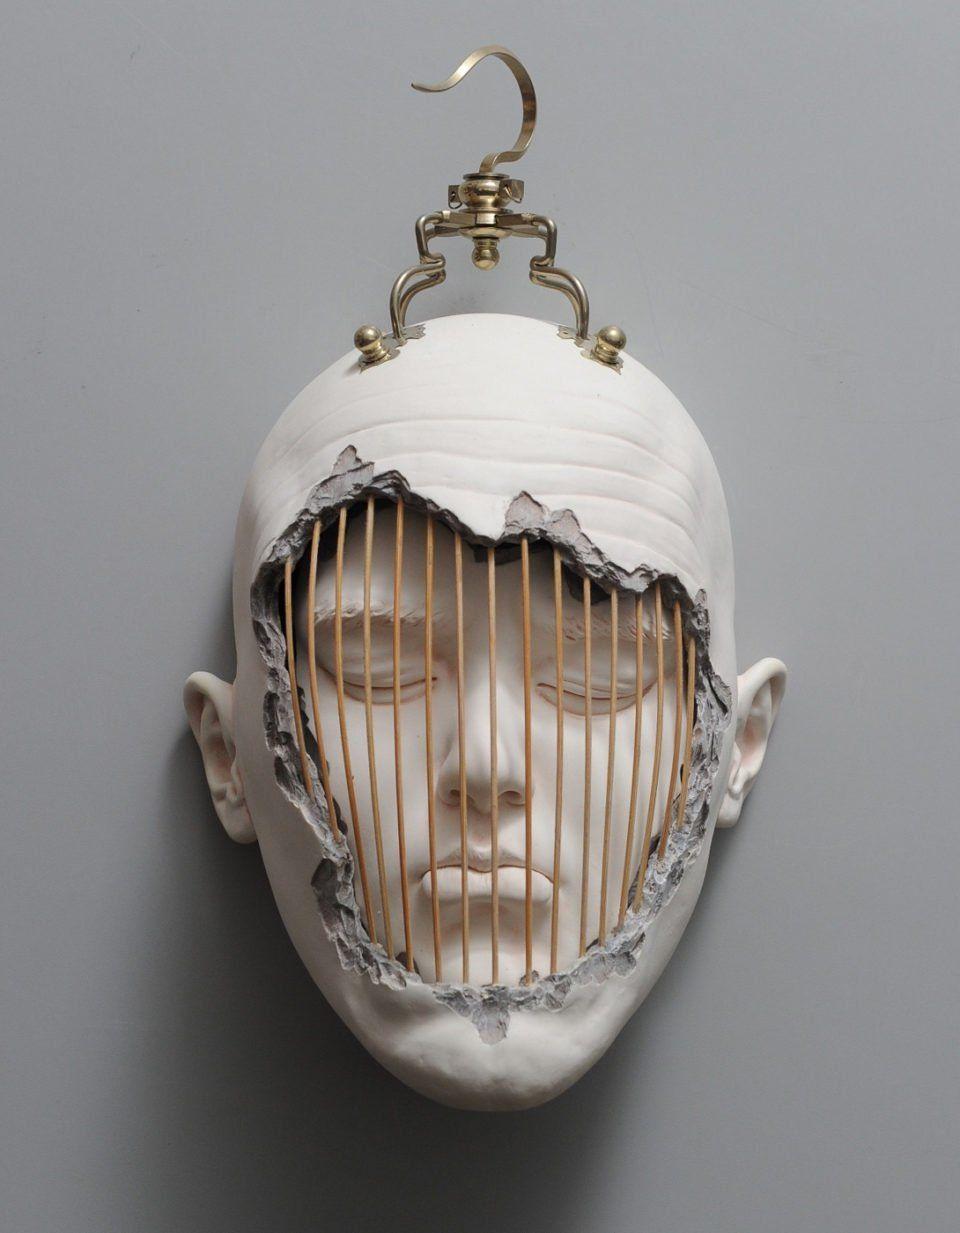 Los retorcidos retratos de arcilla de Johnson Tsang